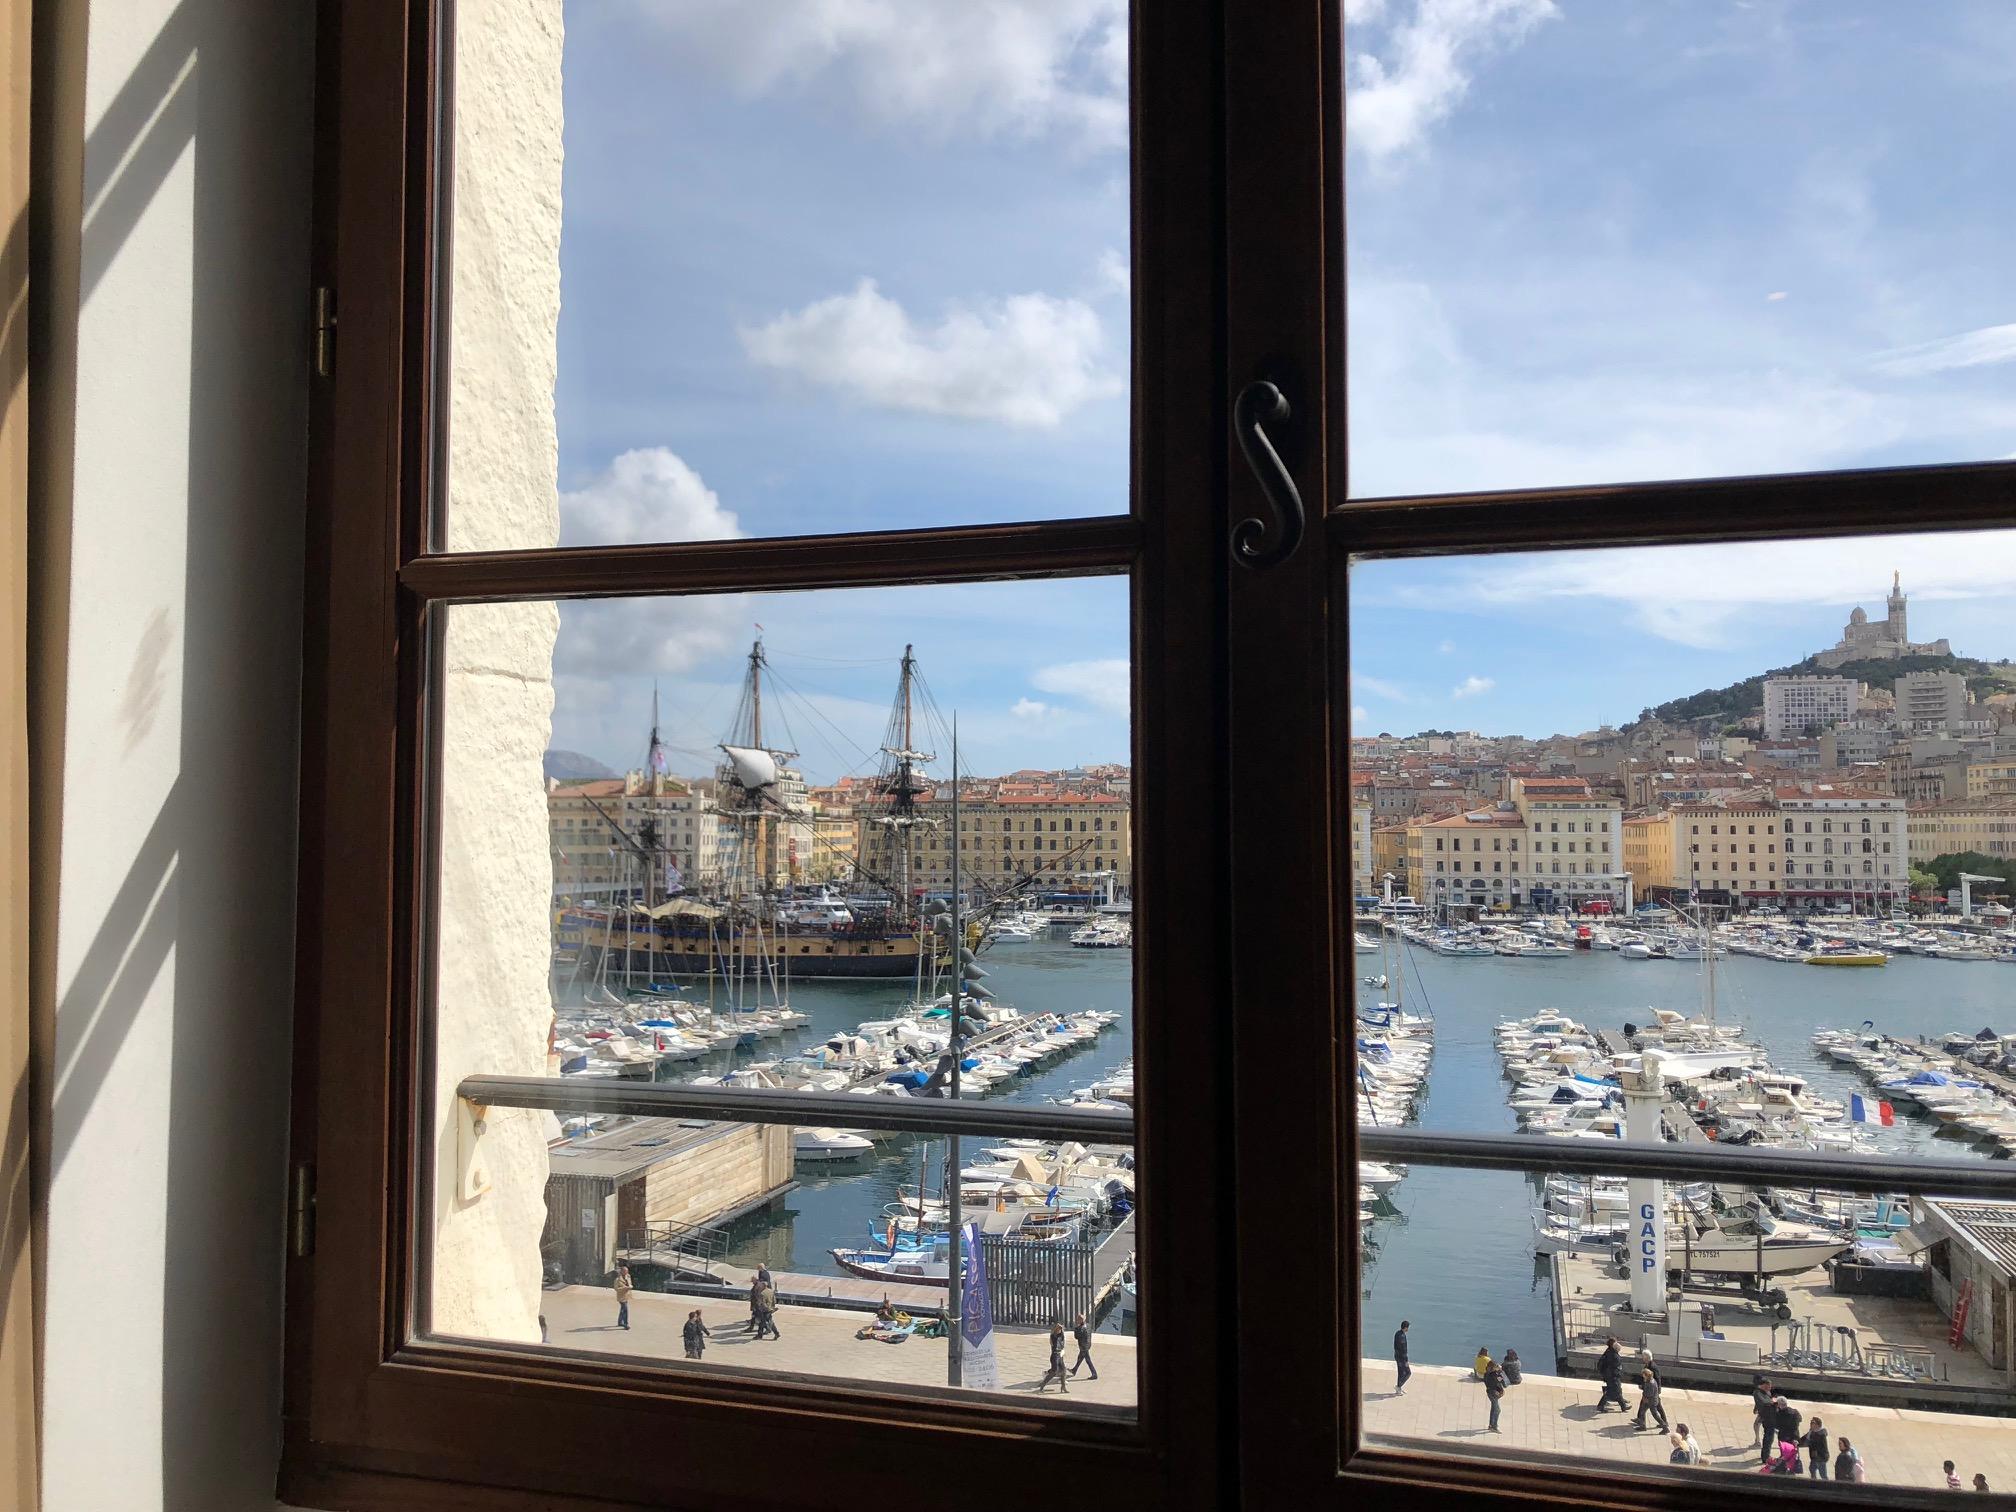 Vieux Écologie Hotel À Belle Charme Port Et Vue Marseille n0OXPw8k